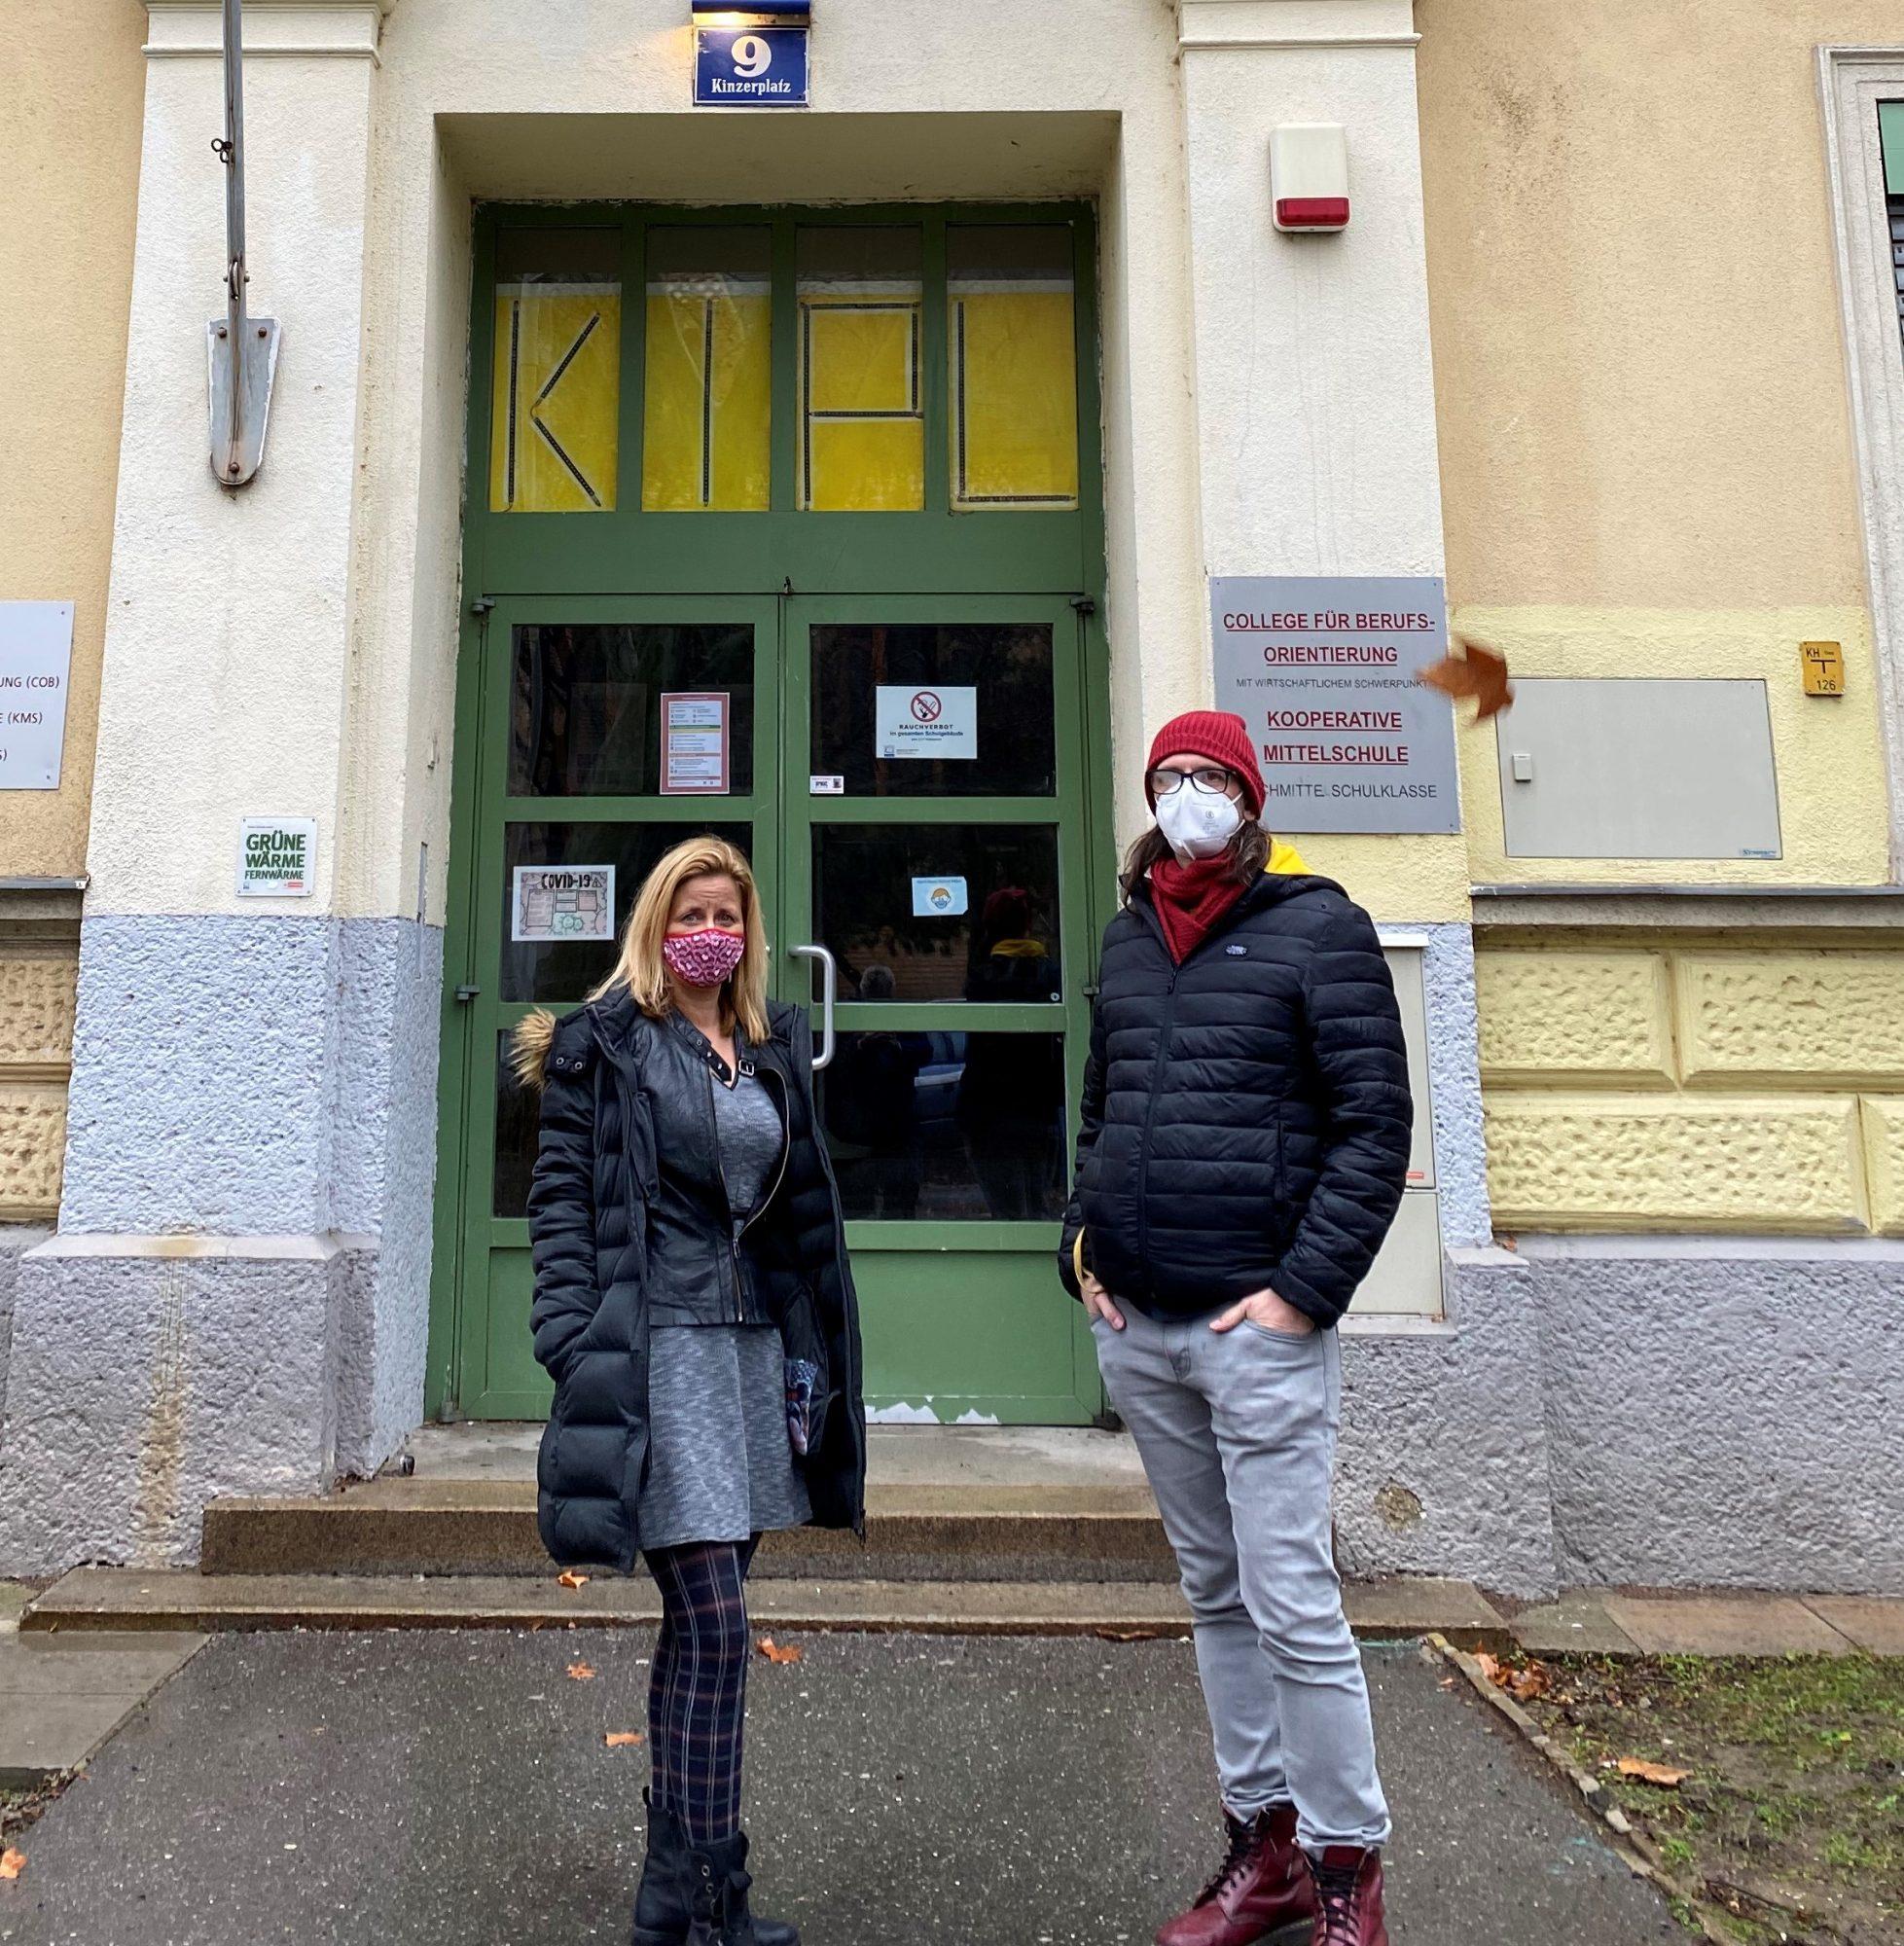 Pany und Schuster vor Mittelschule Kinzerplatz. Bild: Pany.